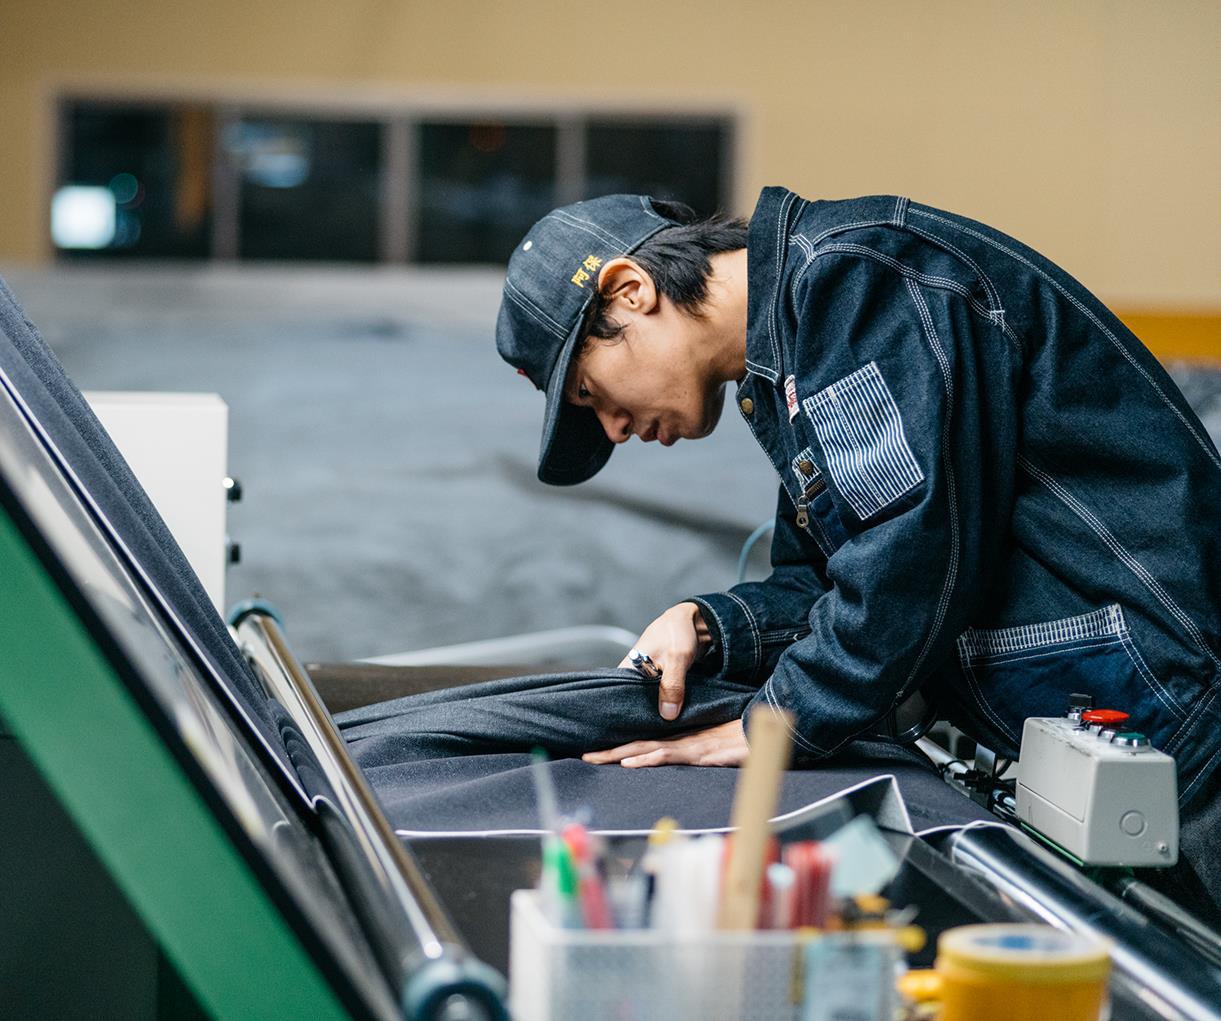 """""""Tốt gỗ, tốt cả nước sơn"""", cứ chọn UNIQLO jeans thì lên đồ giản đơn vẫn style """"ngút ngàn"""" - Ảnh 1."""